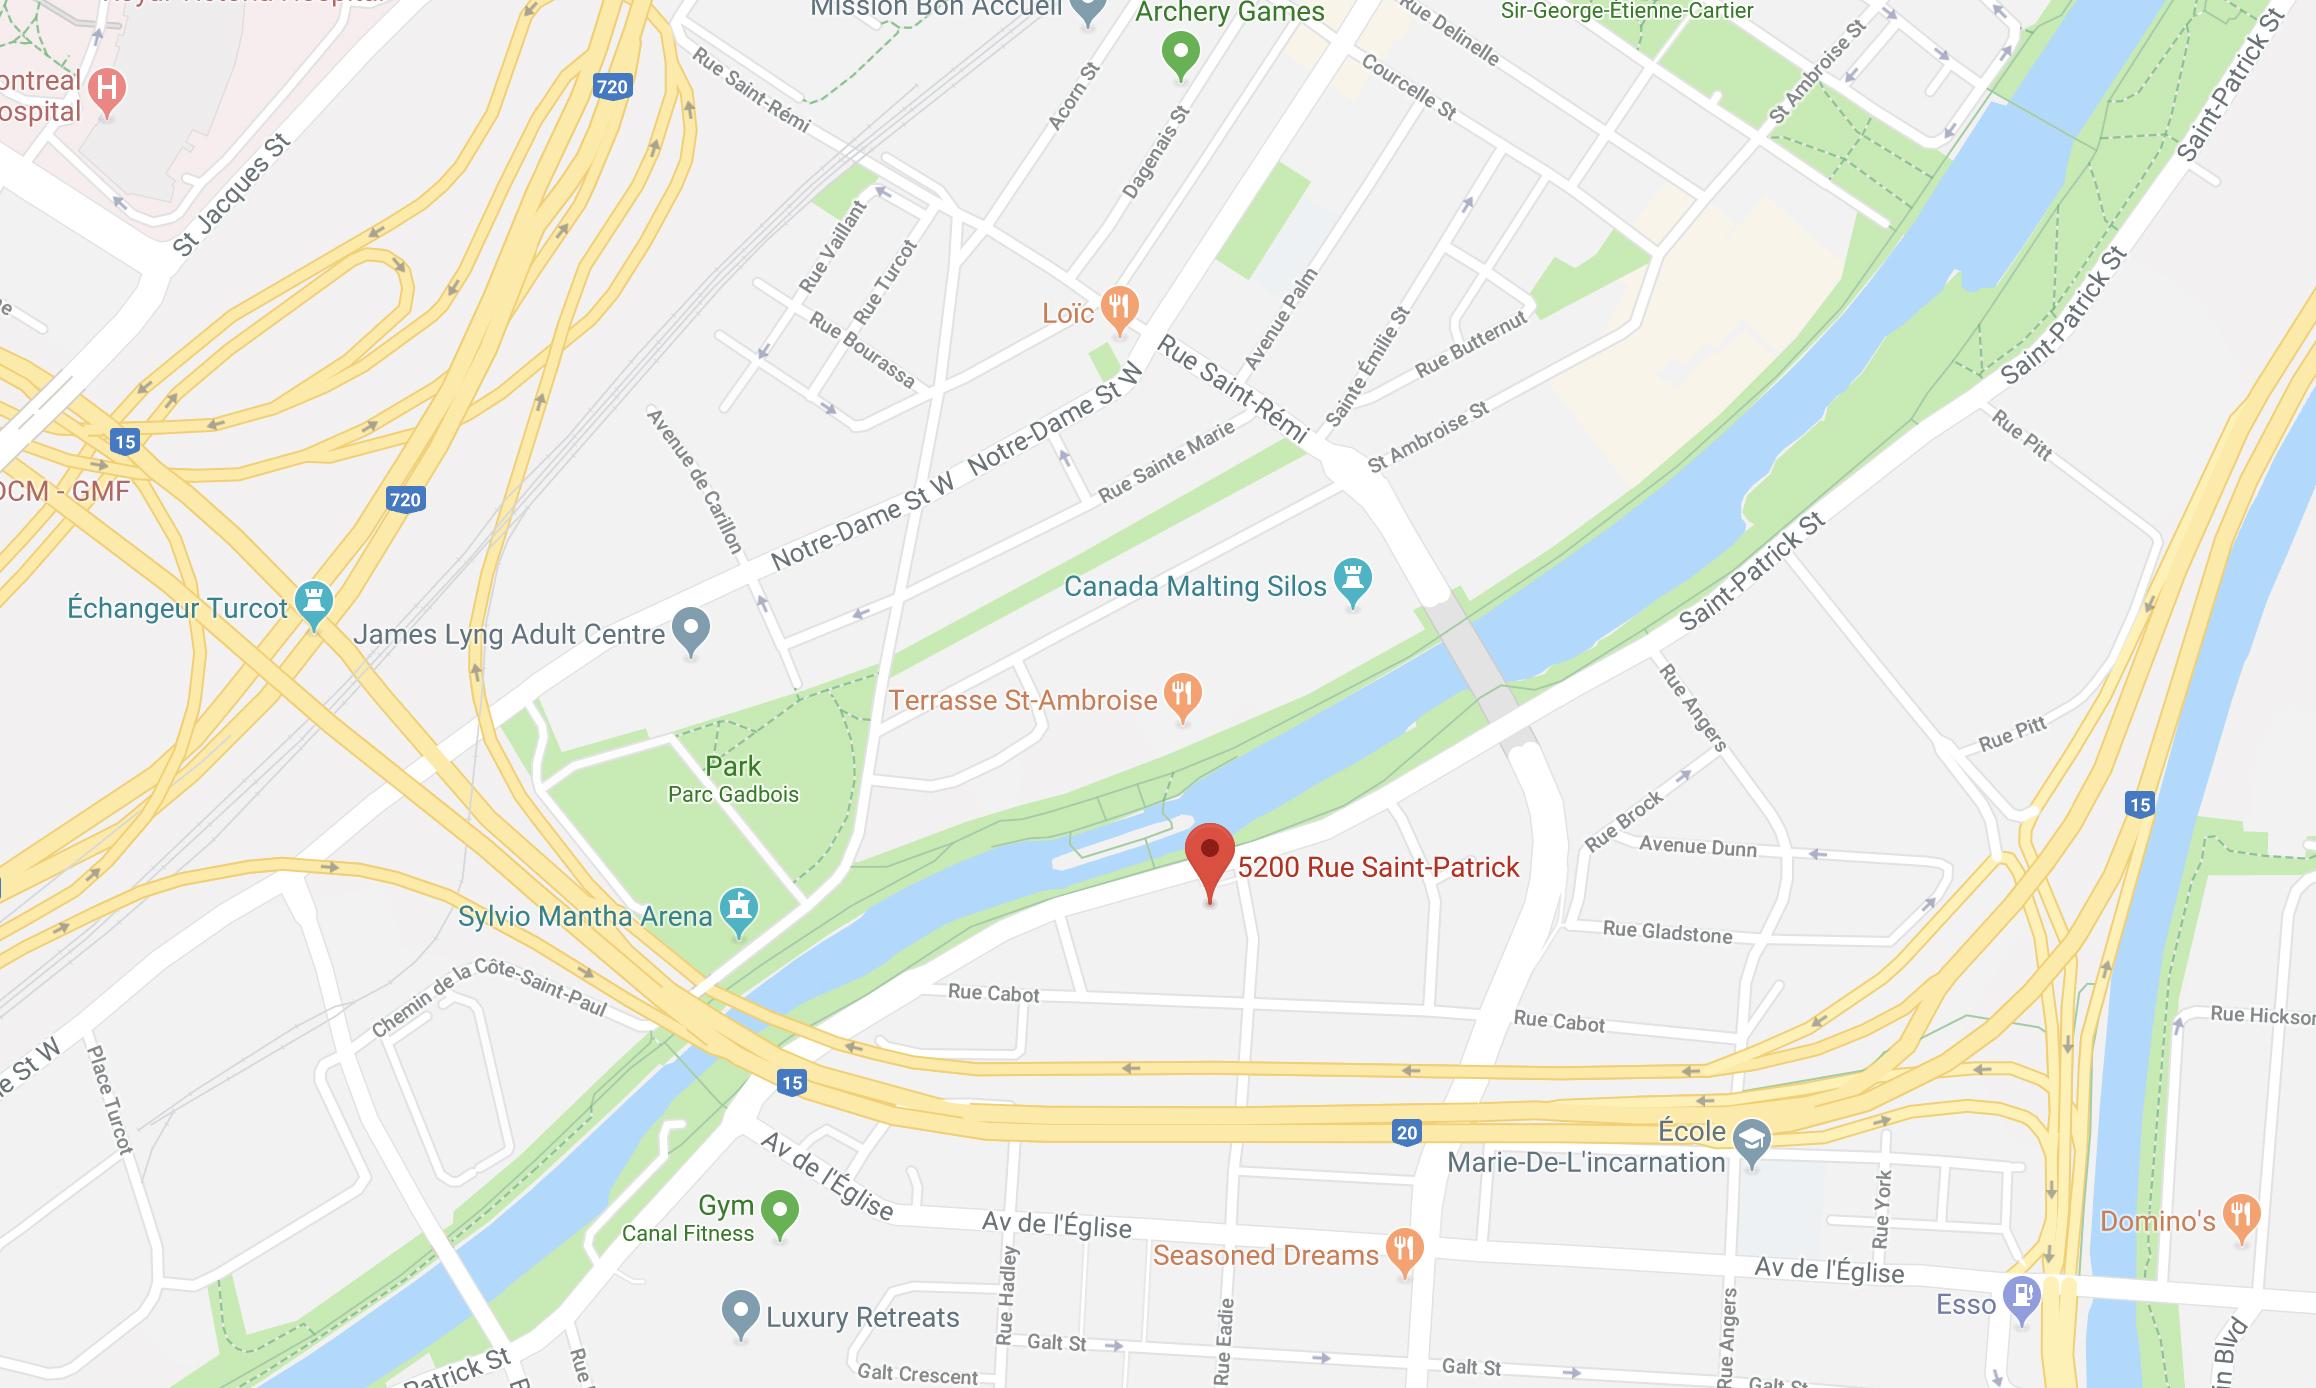 Groupe Quorum 5200 rue Saint-Patrick, bureau 200, Montréal H4E 4N9